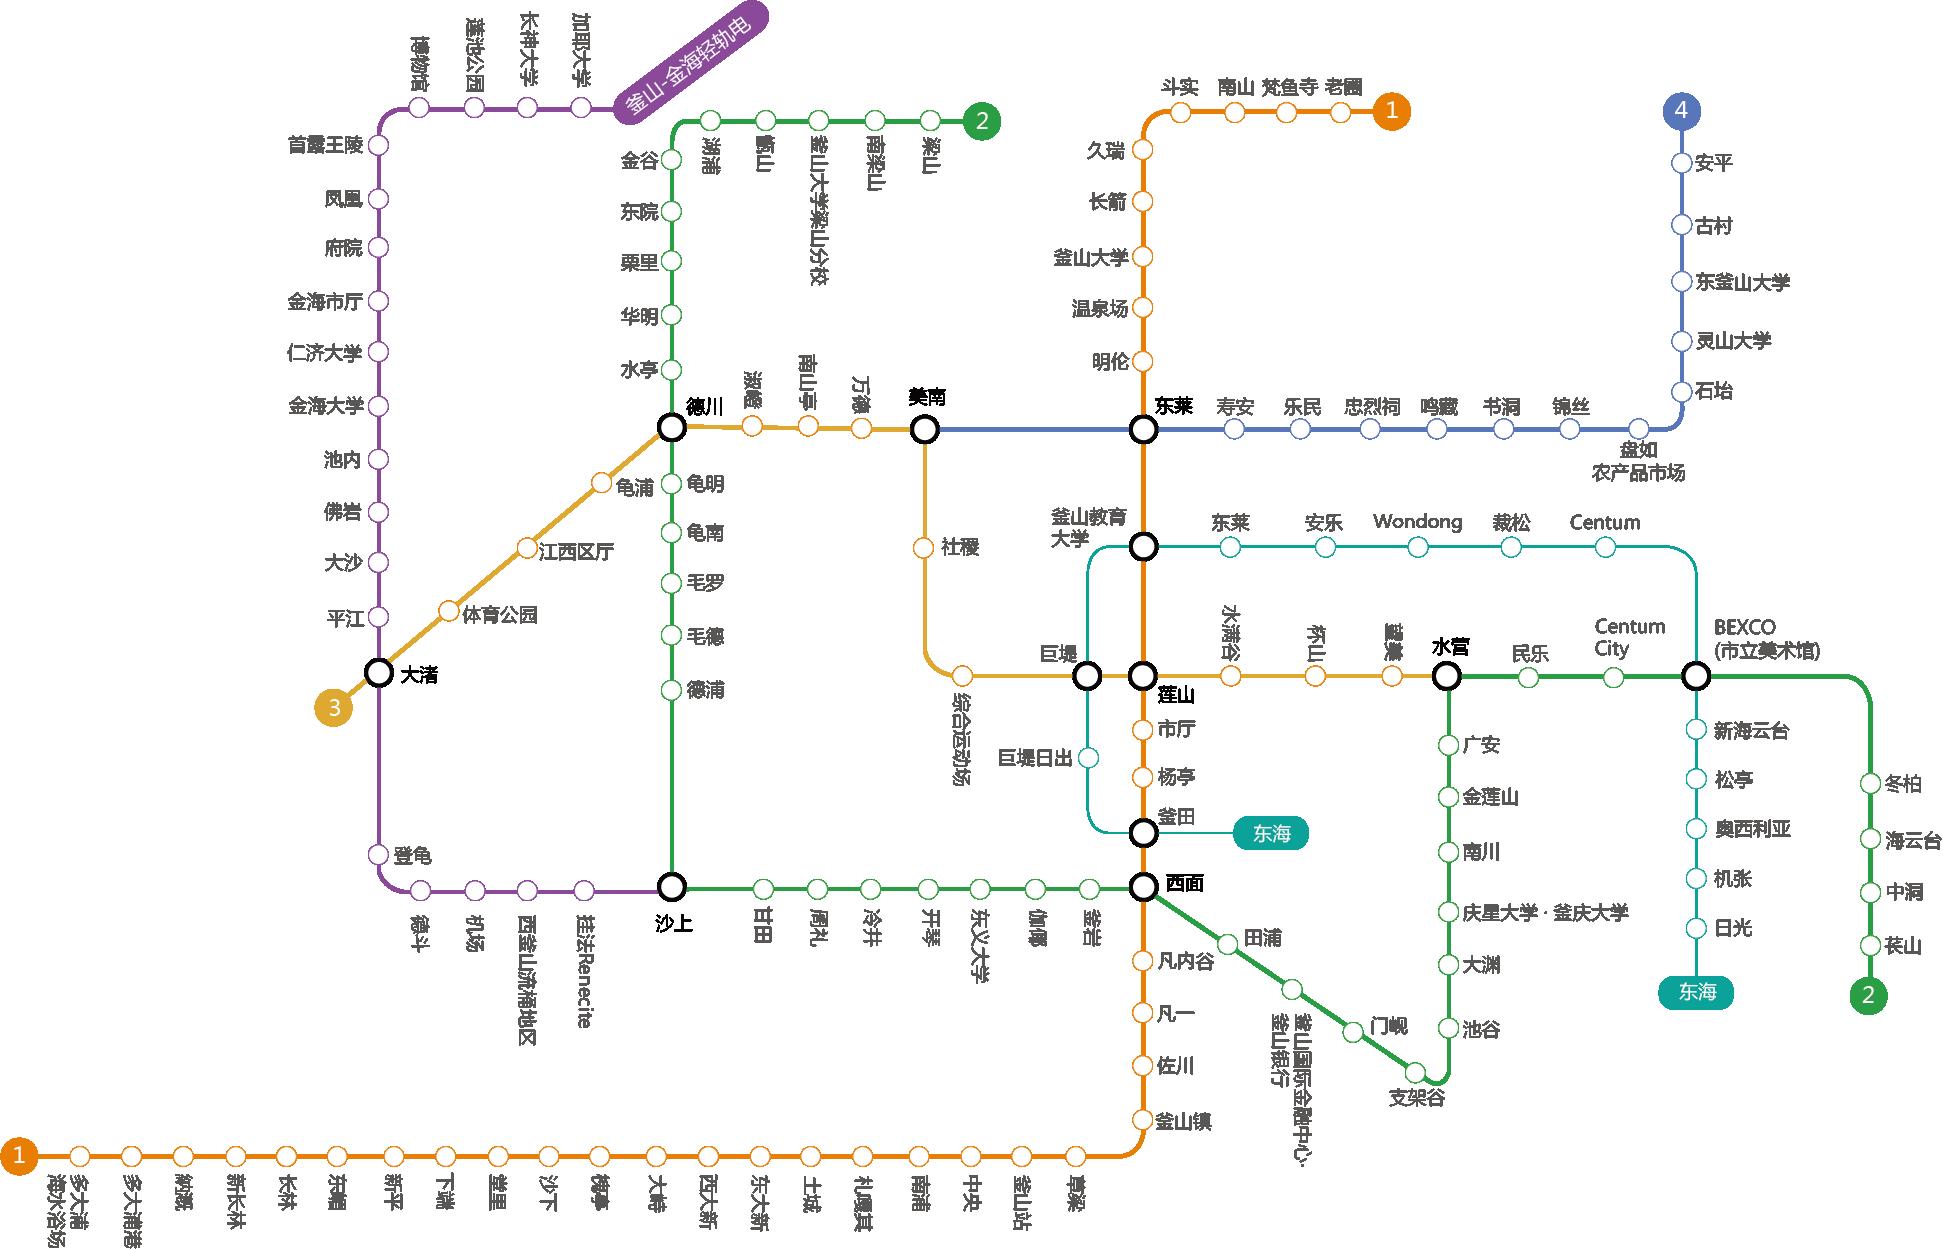 釜山交通攻略∥ 釜山地鐵路線圖/1~4號線.金海輕軌.東海線電鐵/費用/地鐵圖下載/中文版&韓英日文版地圖_2018年最新版